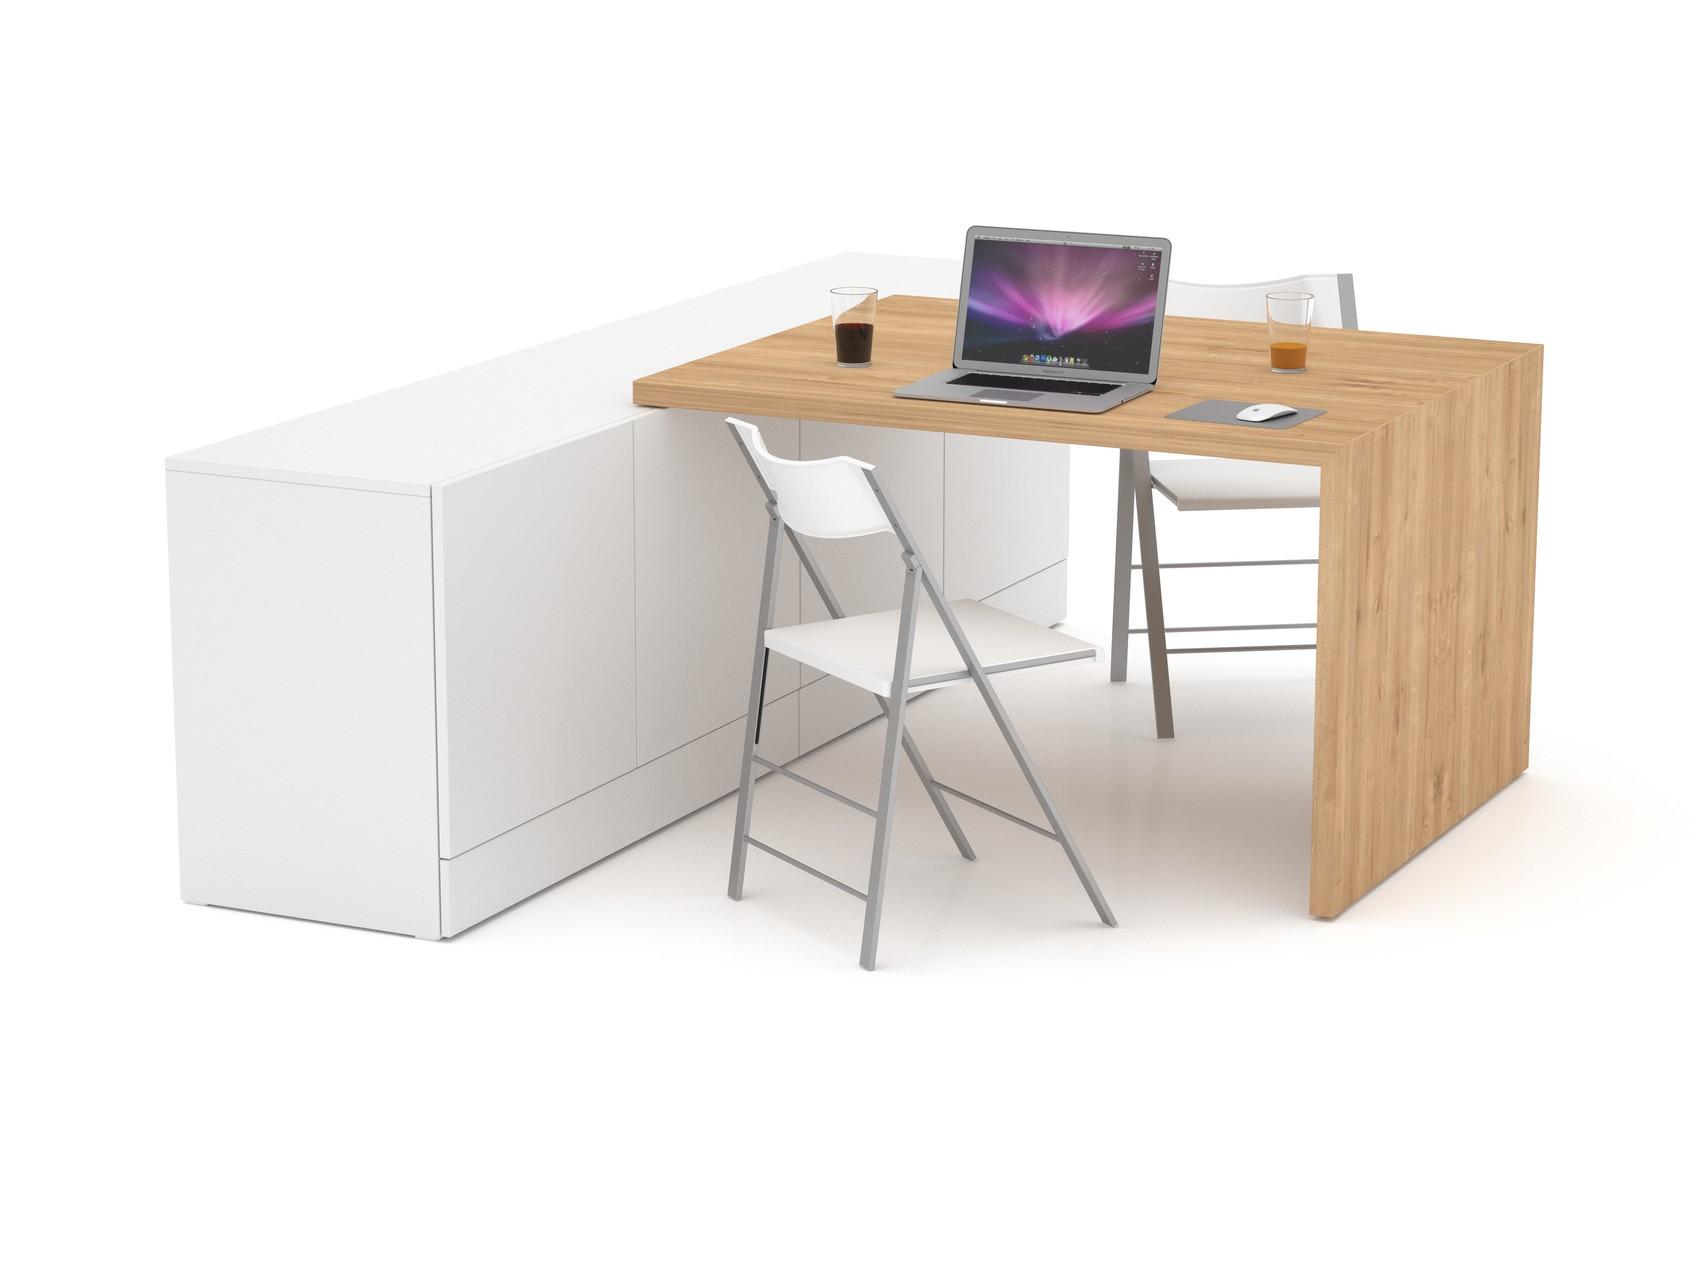 startseite multifunktionsm bel. Black Bedroom Furniture Sets. Home Design Ideas